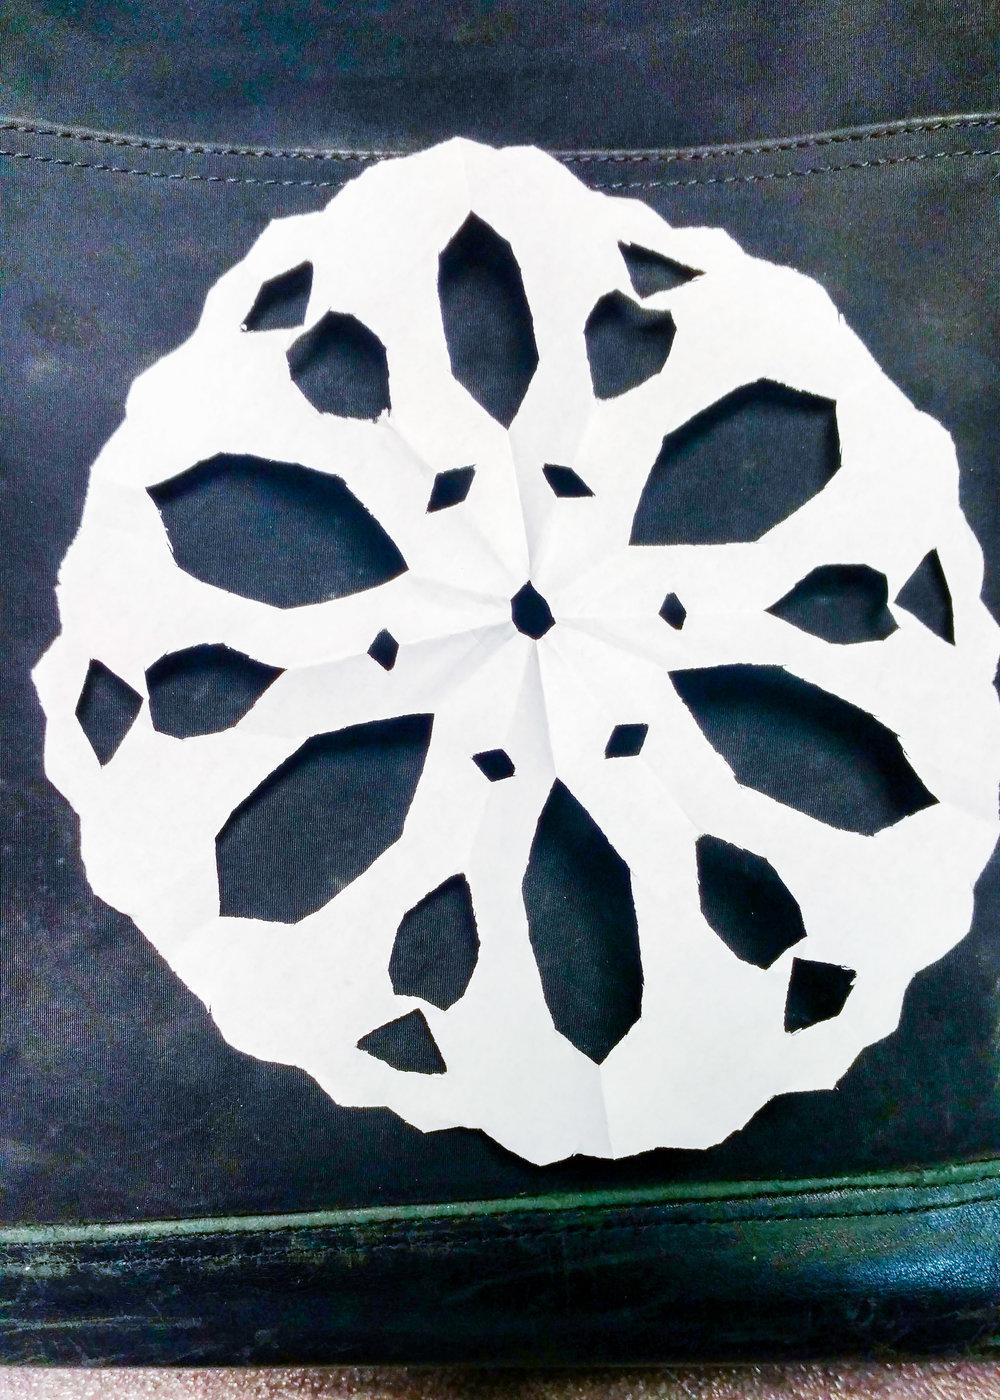 Snowflakes (11 of 11).jpg